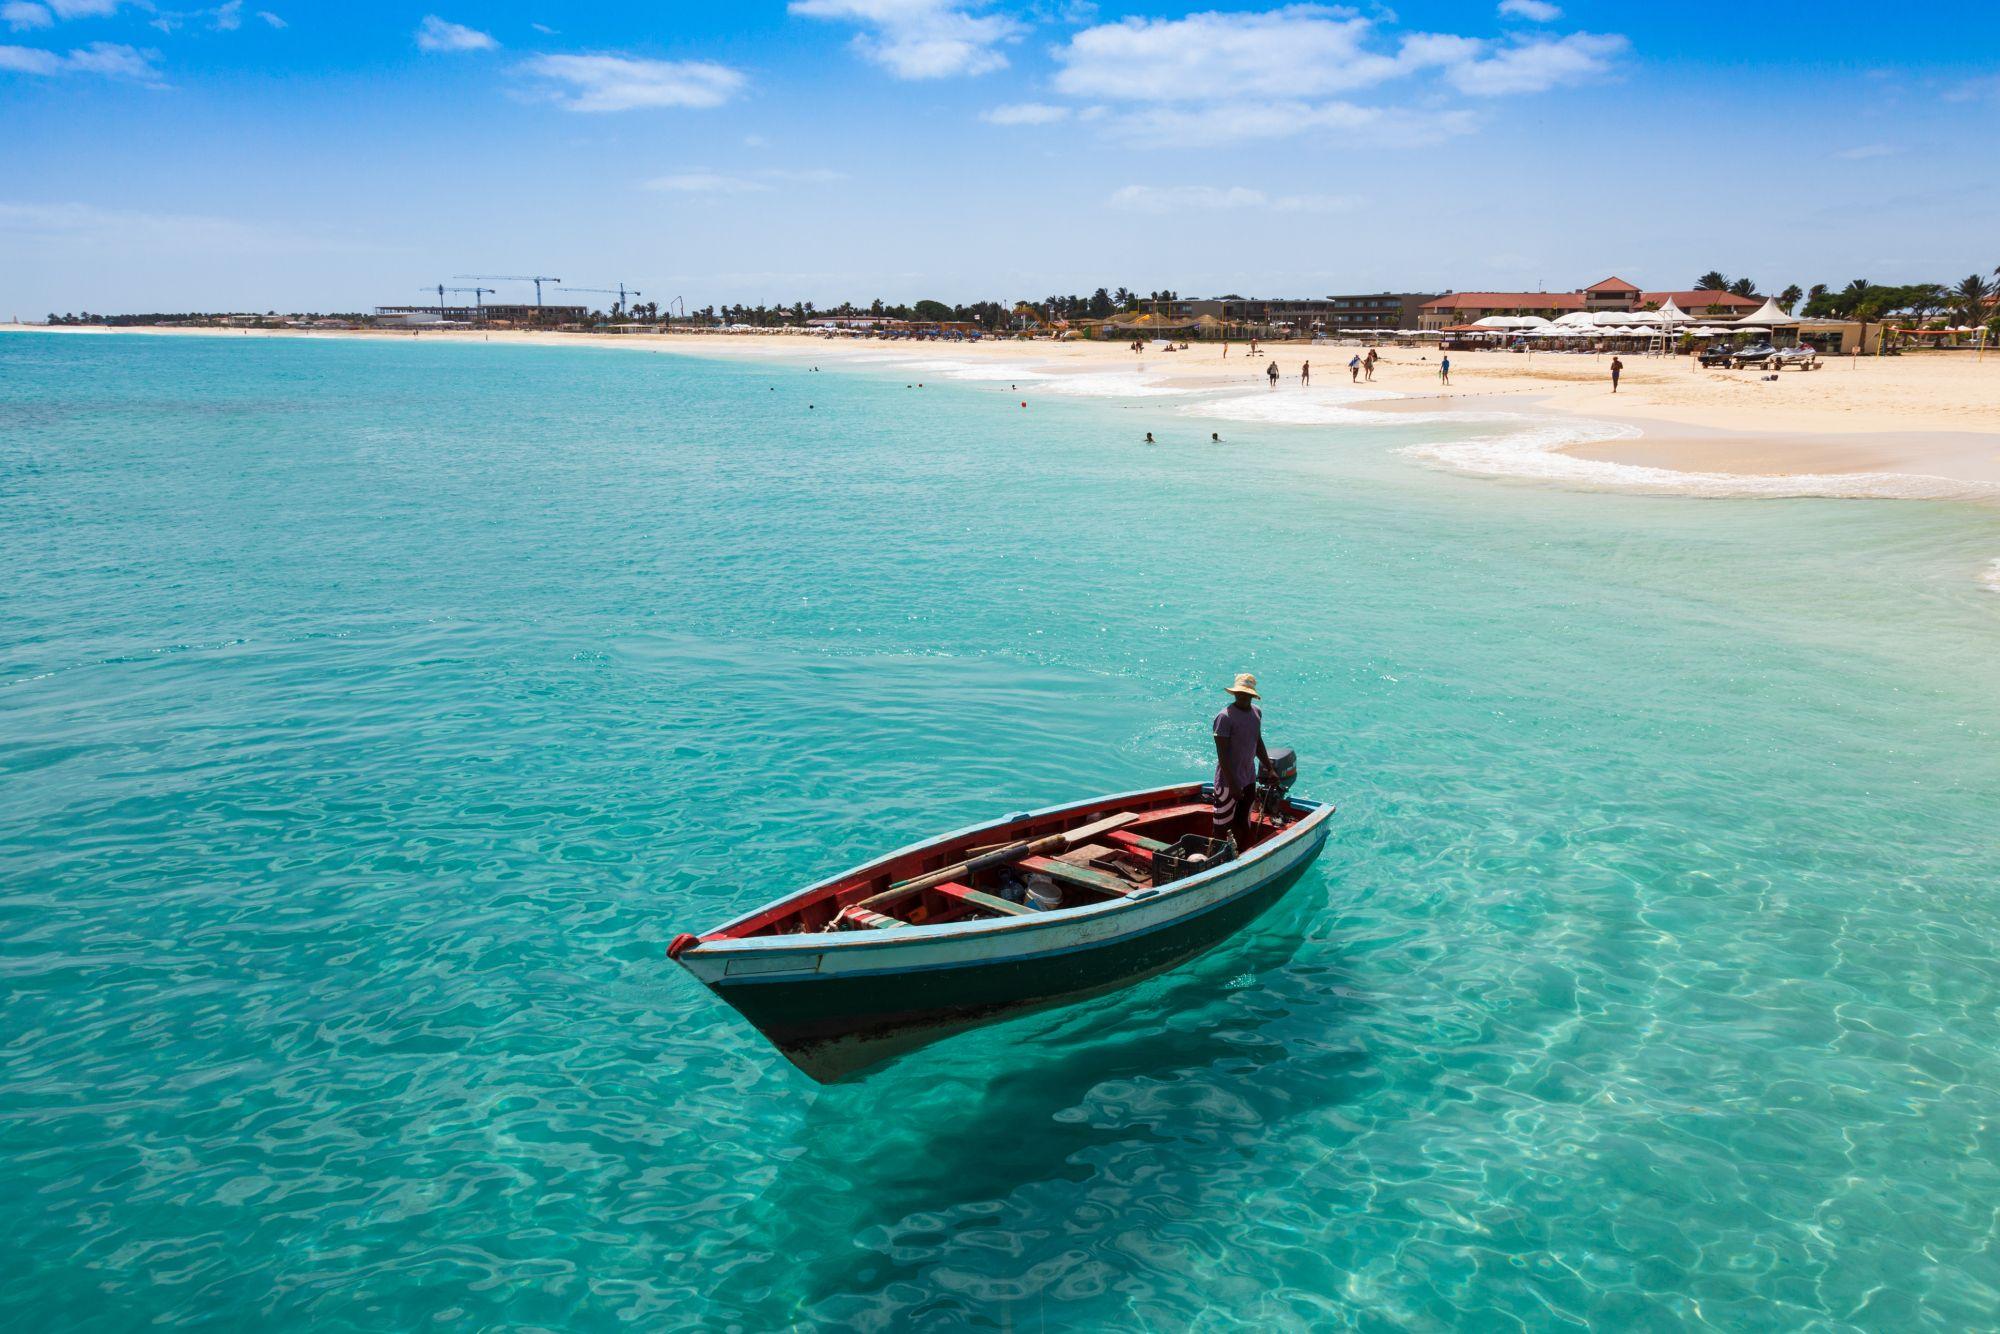 Sal łódź przy brzegu